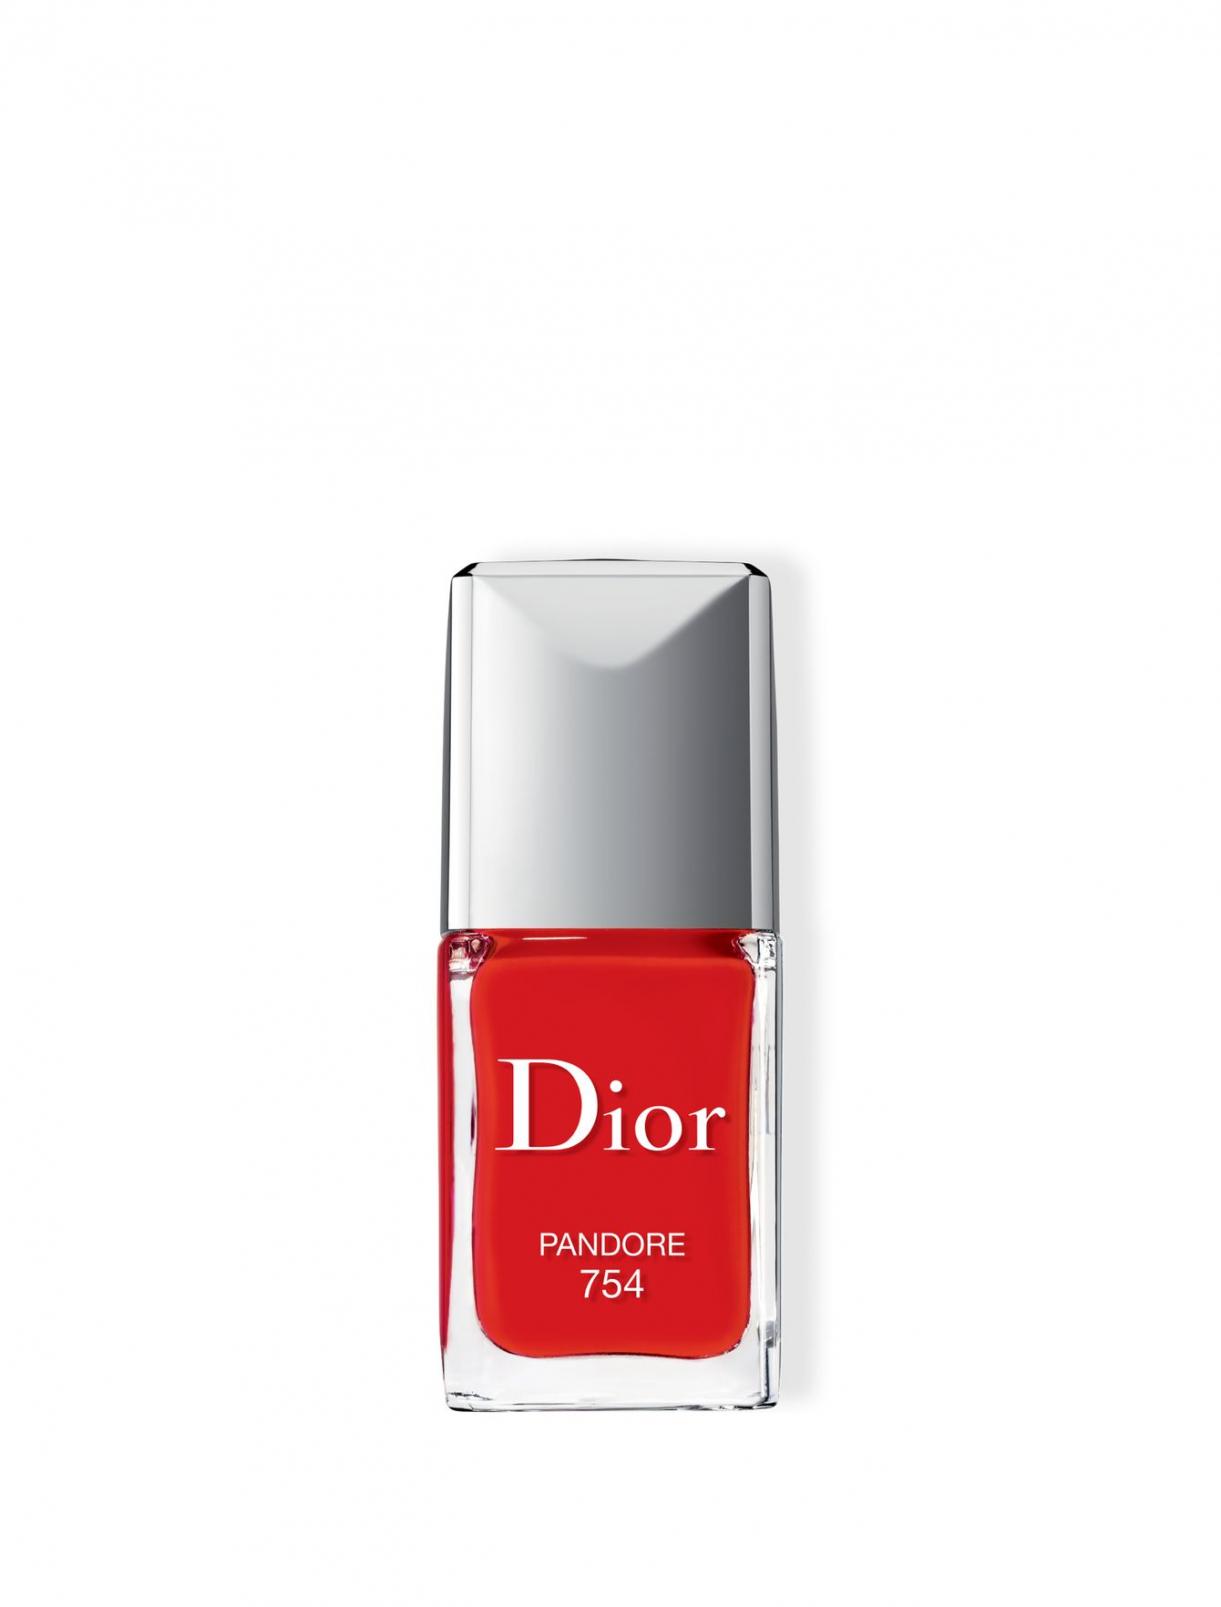 Лак для ногтей - №754 Пандора, Rouge Dior Vernis, 10ml Dior  –  Общий вид